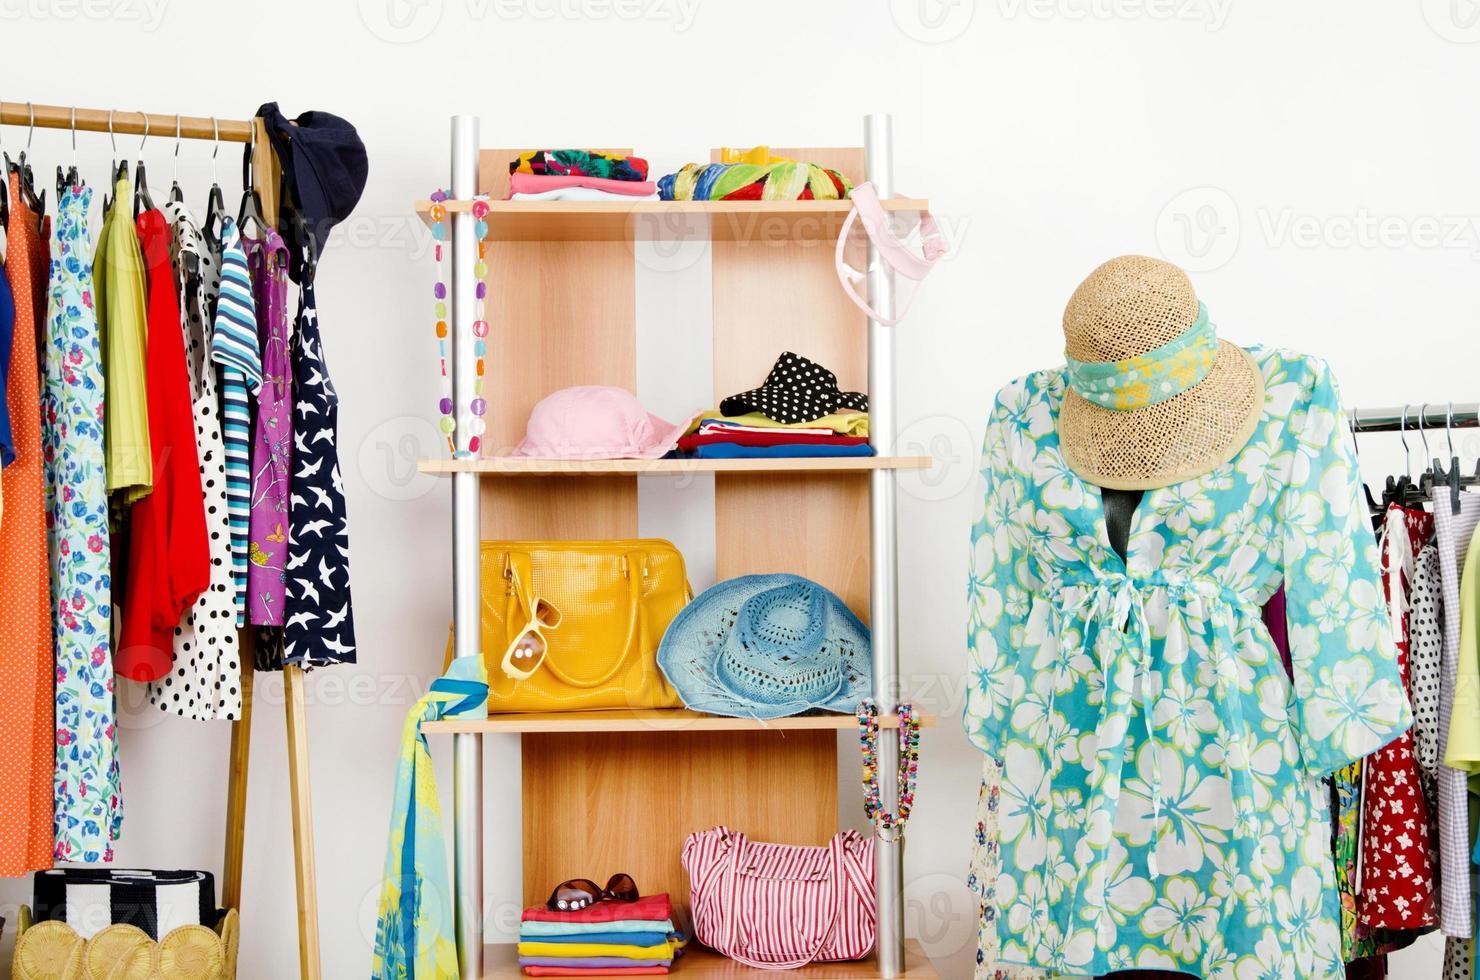 guarda-roupa com roupas de verão e uma roupa de praia no manequim. foto